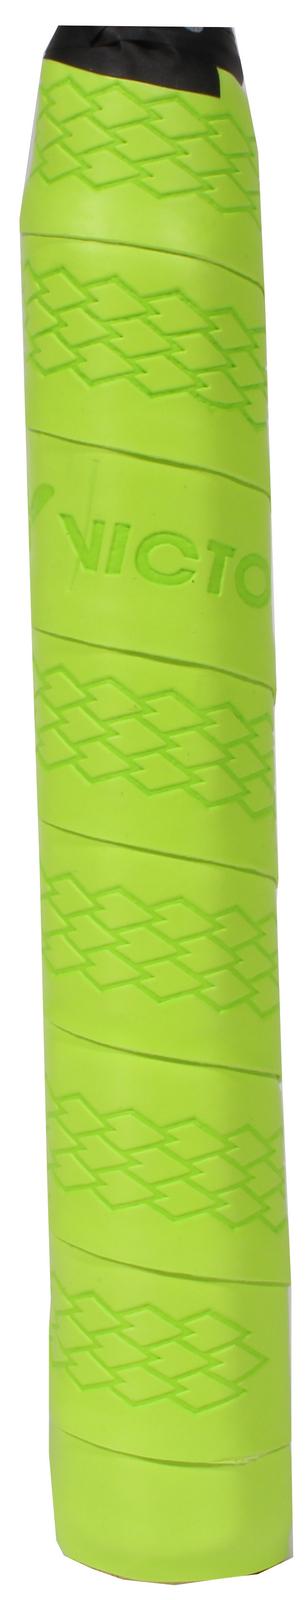 Victor Squash Shelter Grip